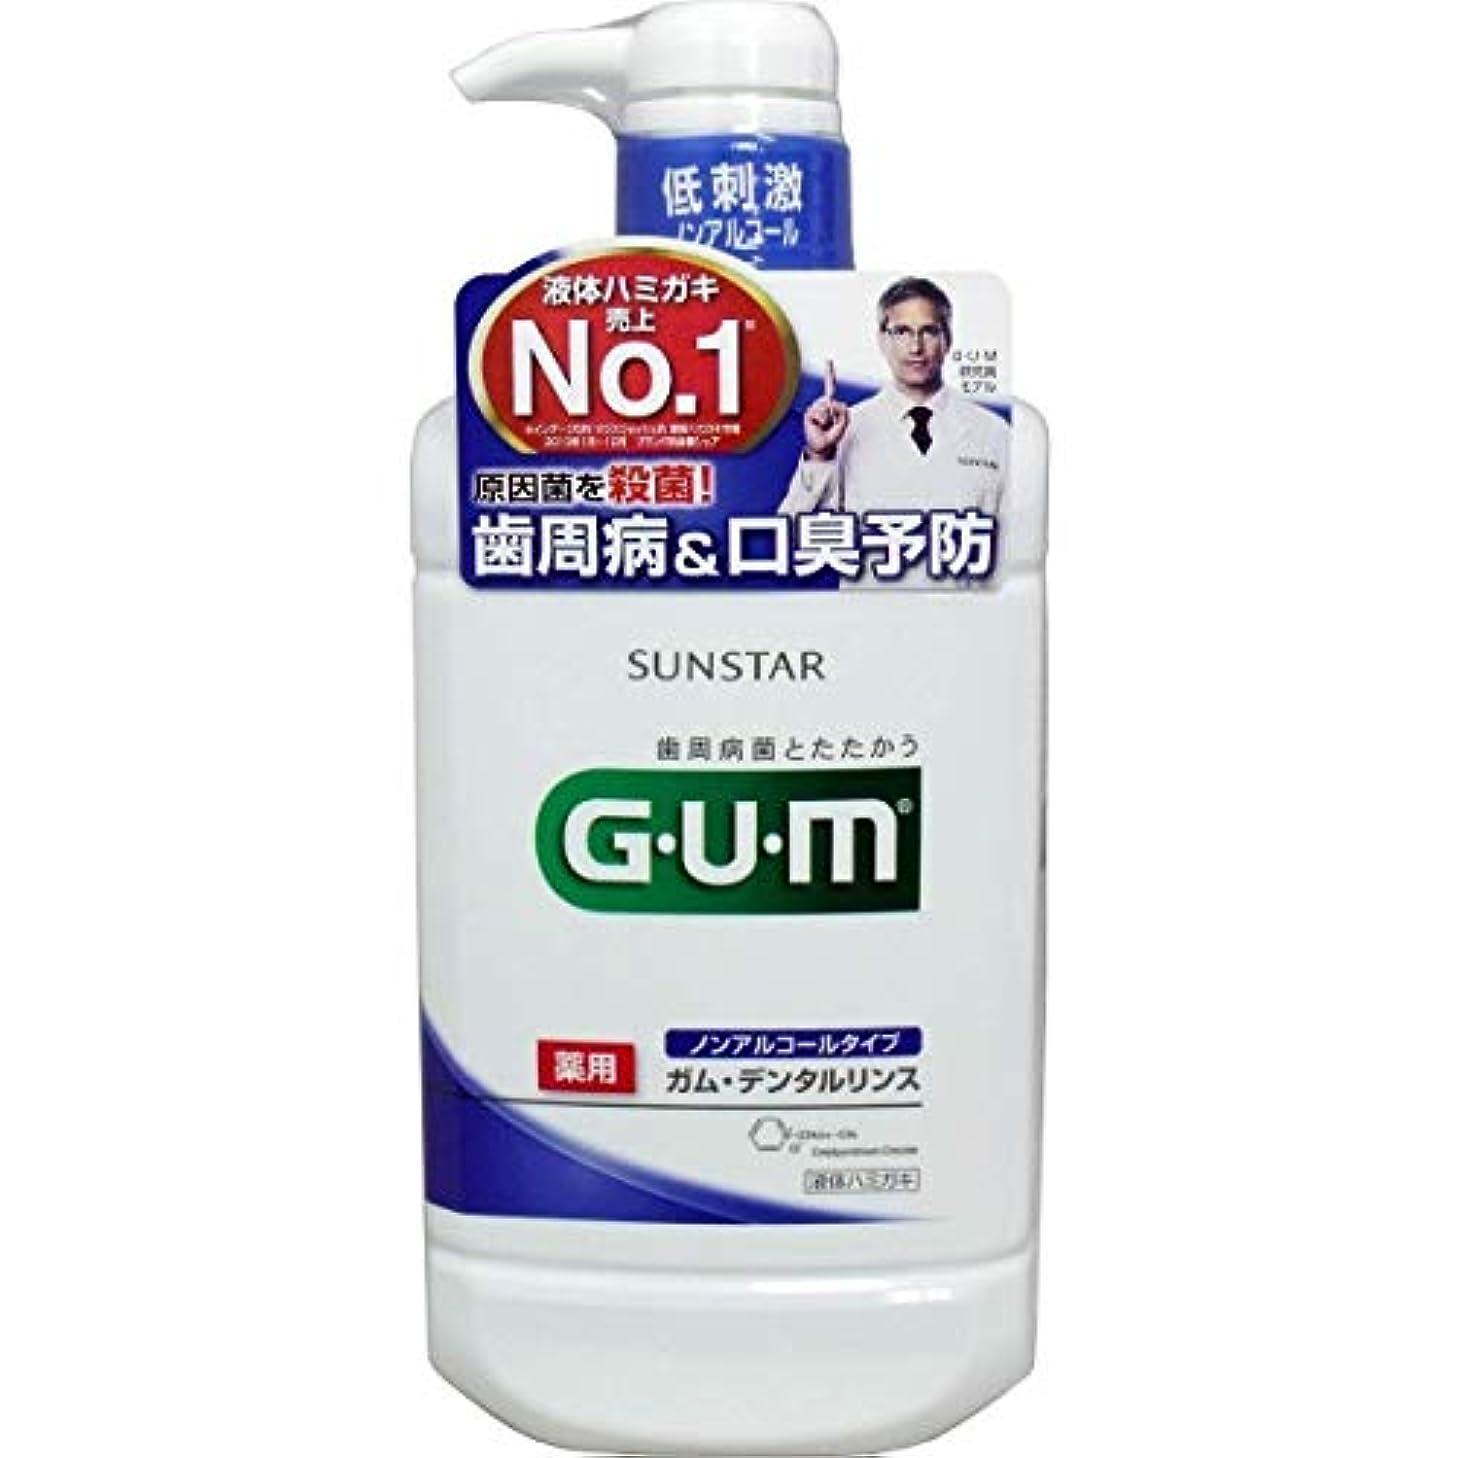 ほのめかす競争力のある酸化物GUM(ガム)?デンタルリンス (ノンアルコールタイプ) 960mL (医薬部外品) × 6点